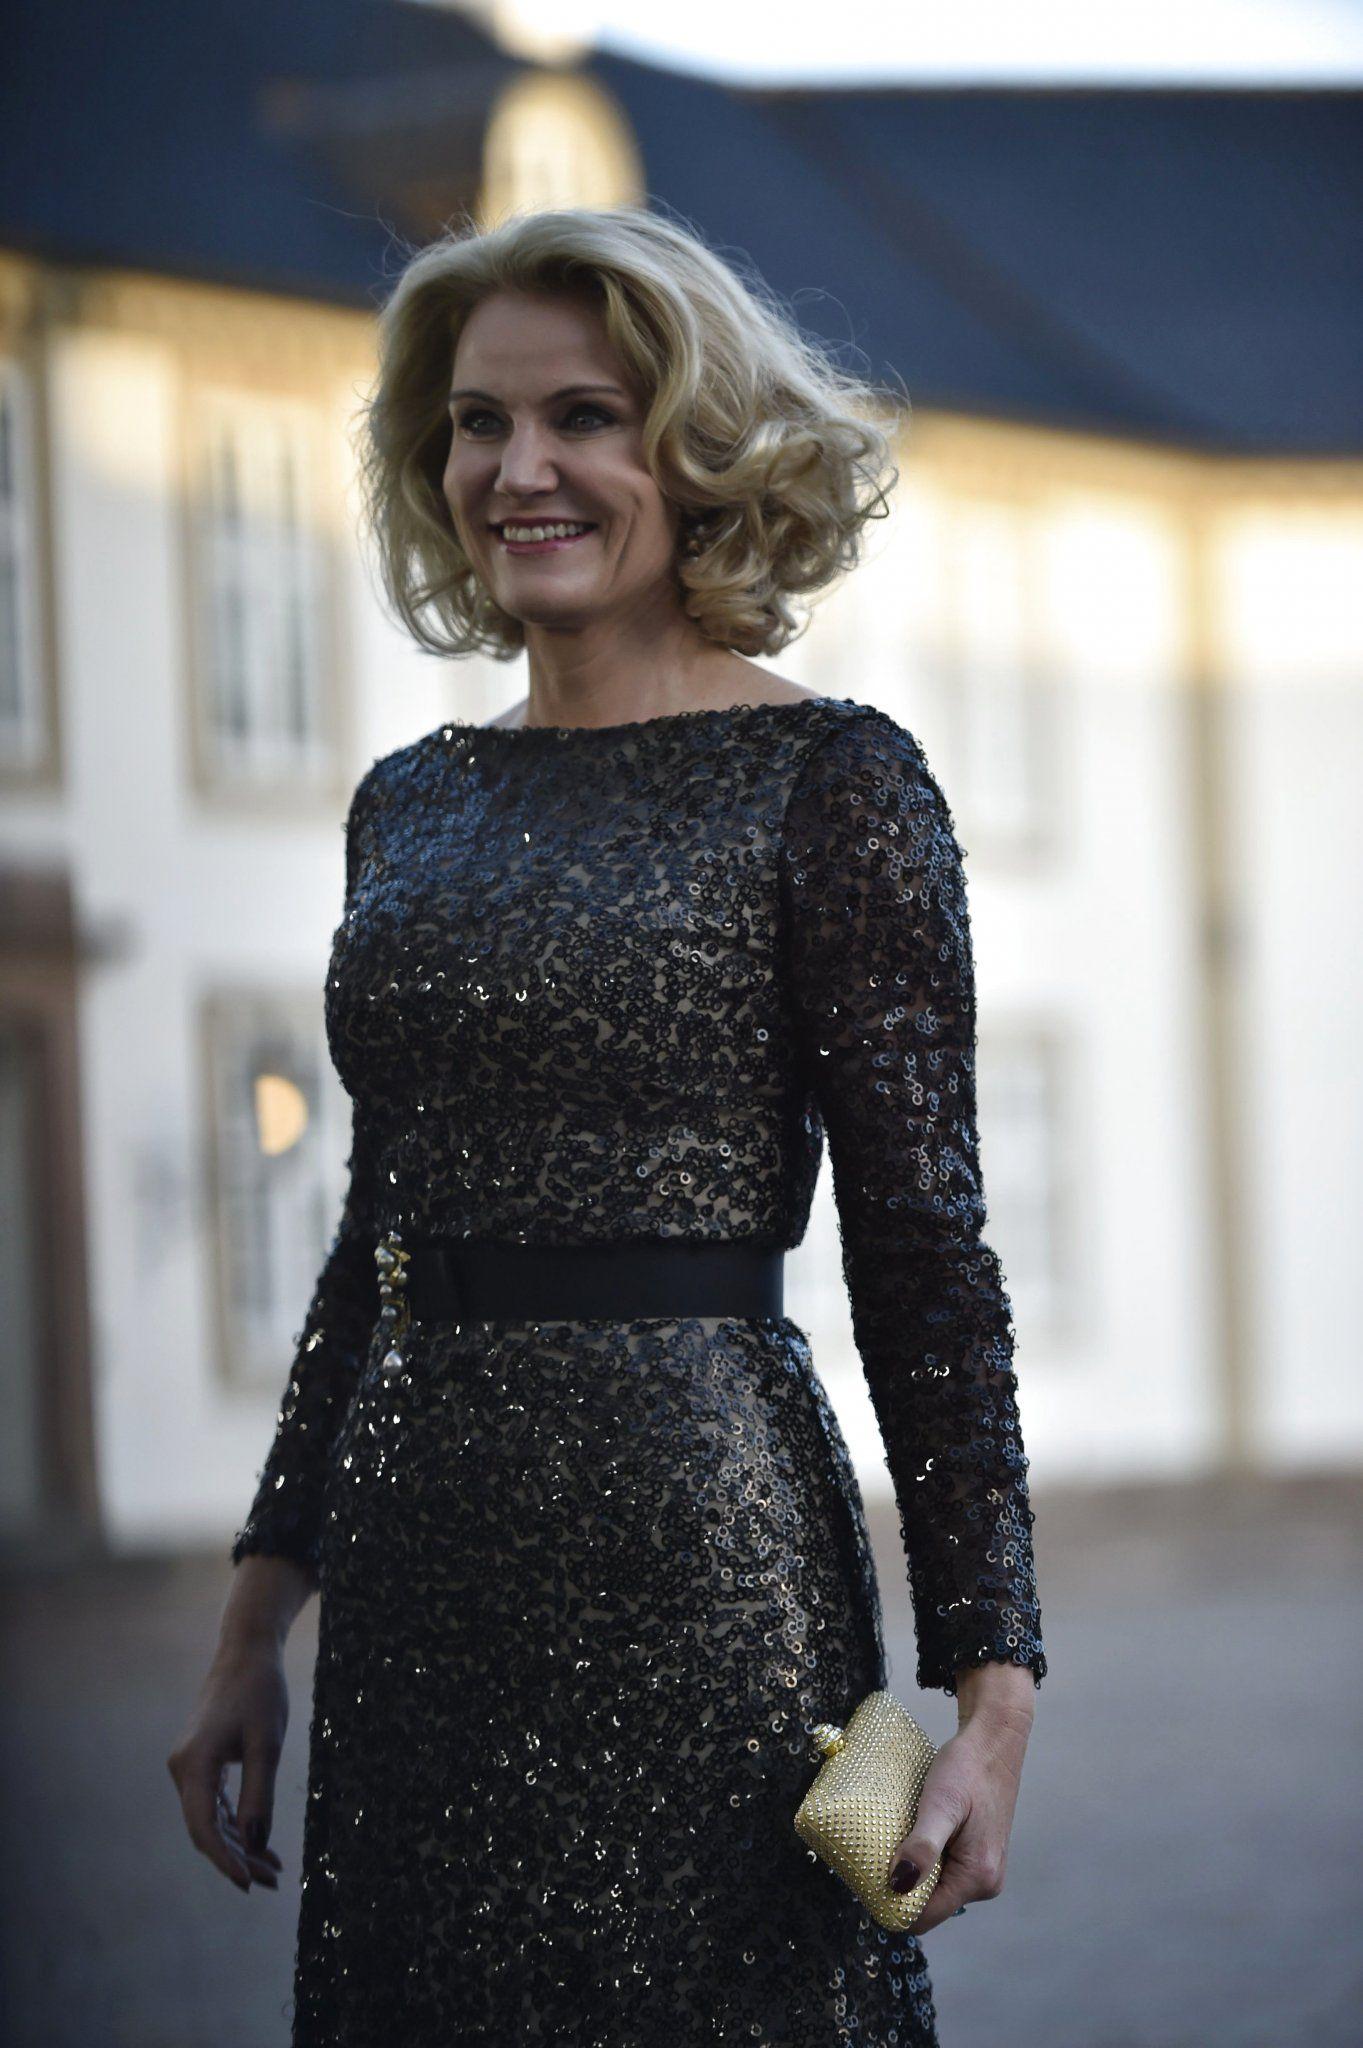 Denmarks Prime Minister Helle Thorning Schmidt